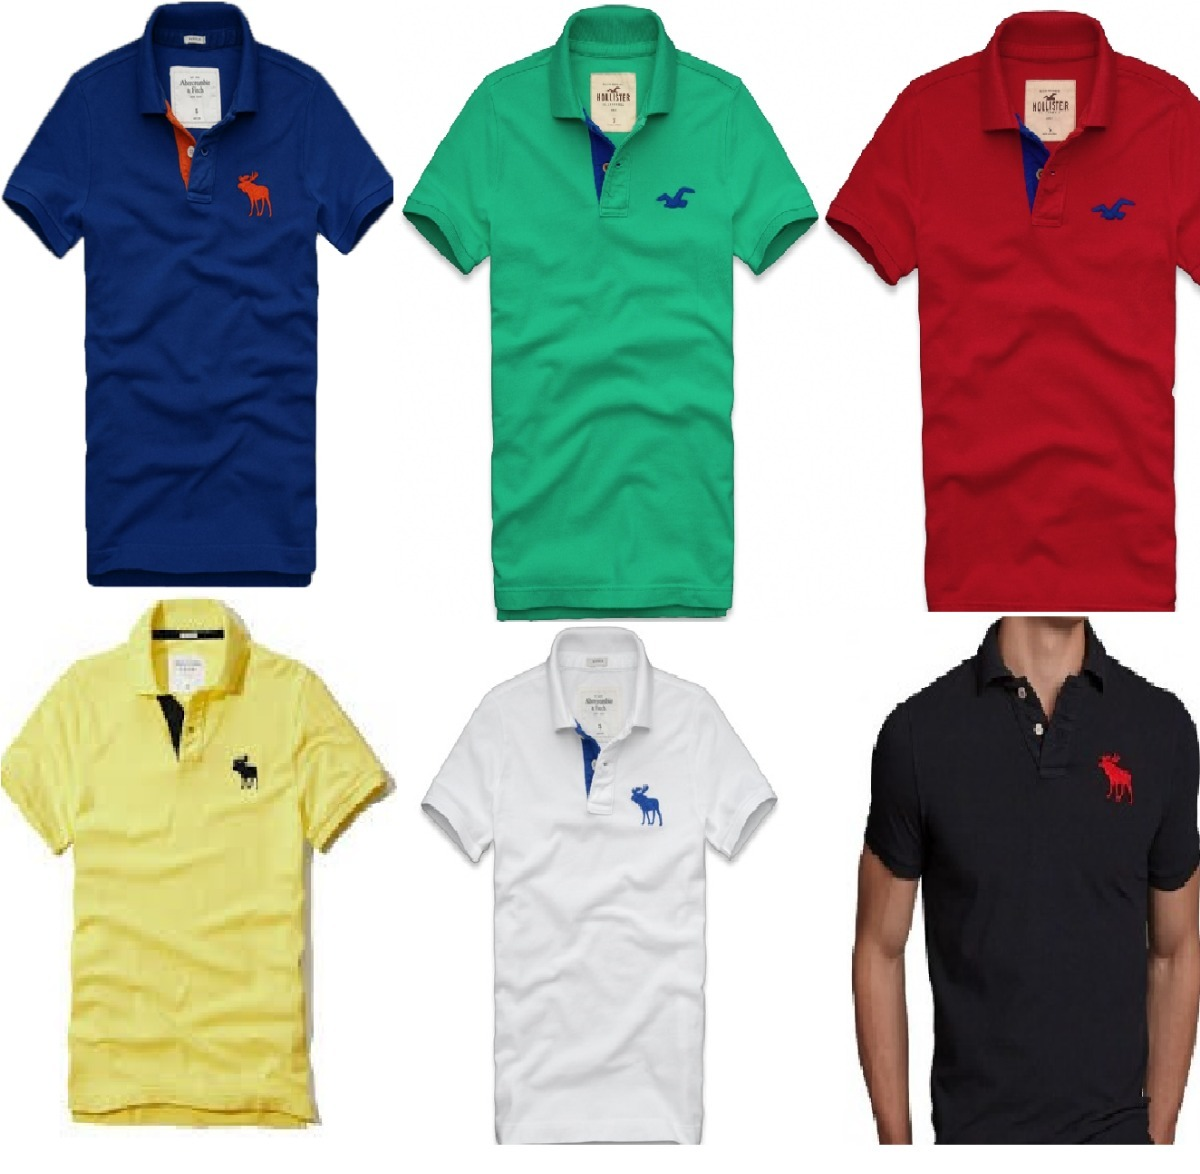 kit com 3 camisas polo masculinas algodão atacado revenda. Carregando zoom. 78ea94256fa7a